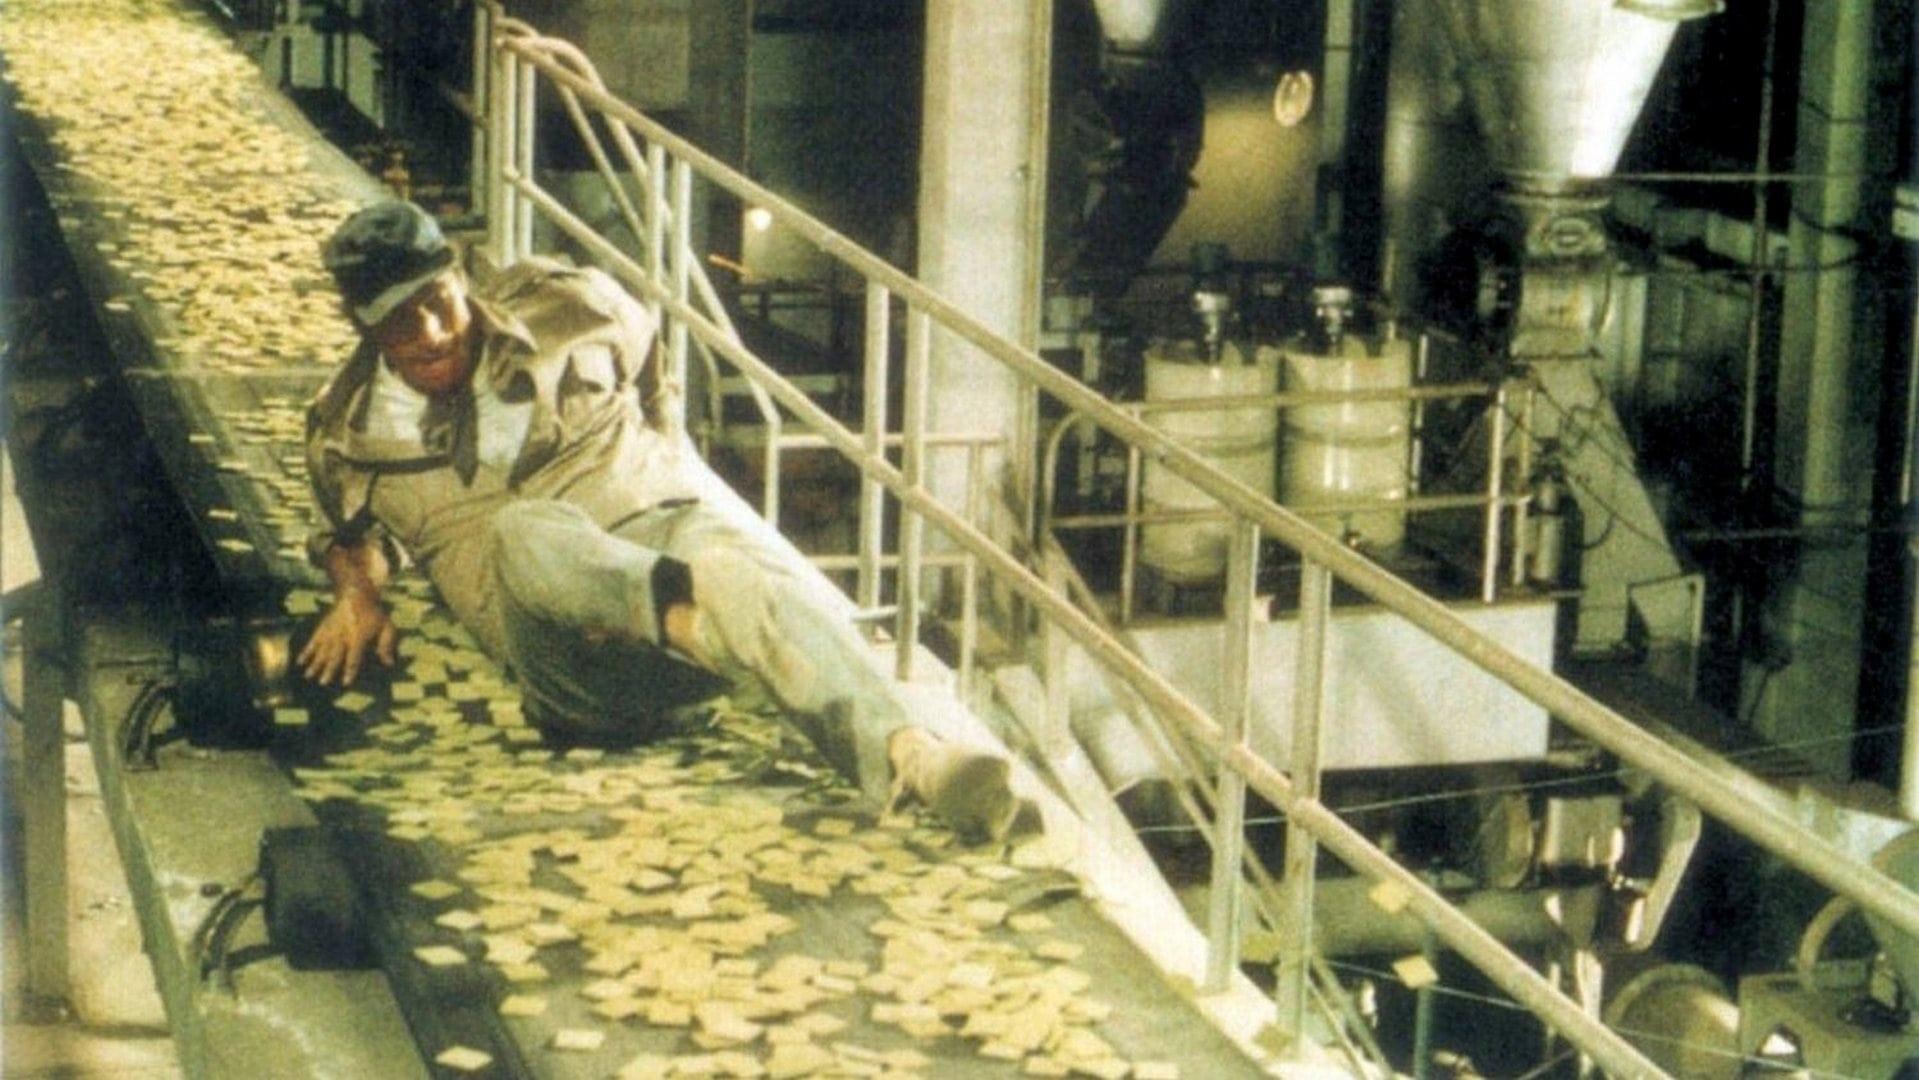 Soylent Green 1973 Az Movies